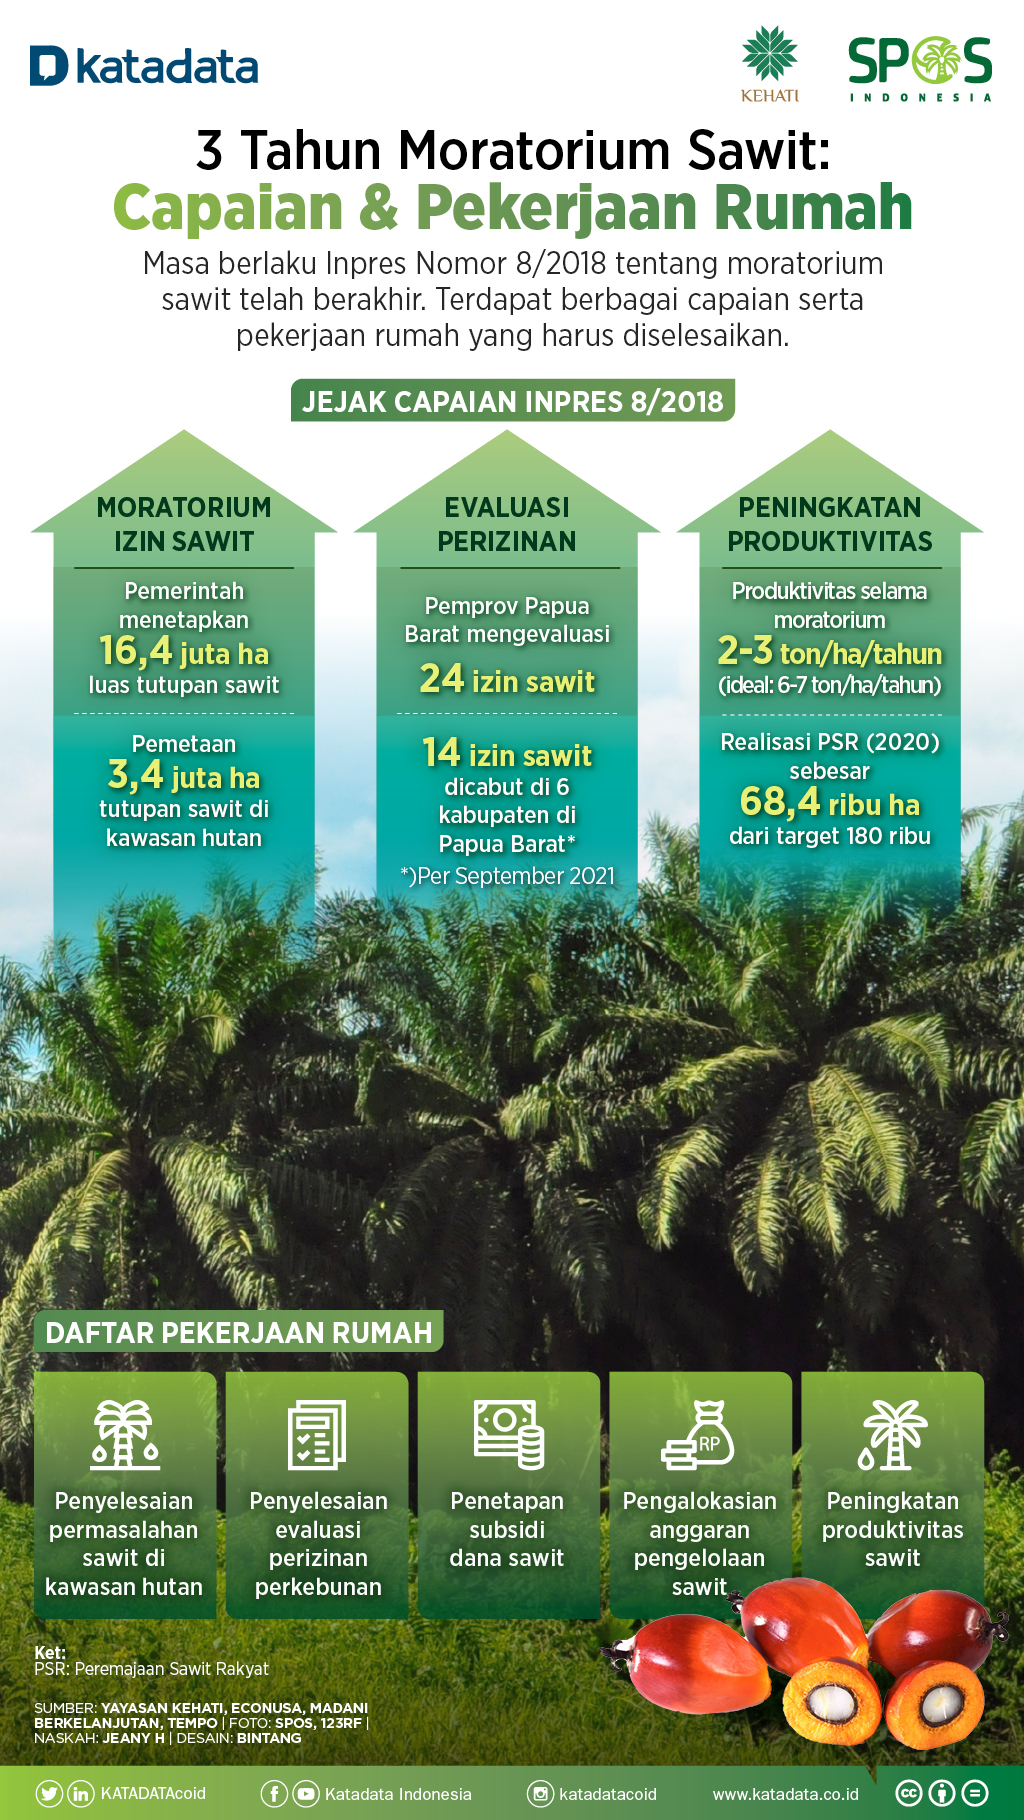 Infografik_3 Tahun Moratorium Sawit: Capaian dan Pekerjaan Rumah